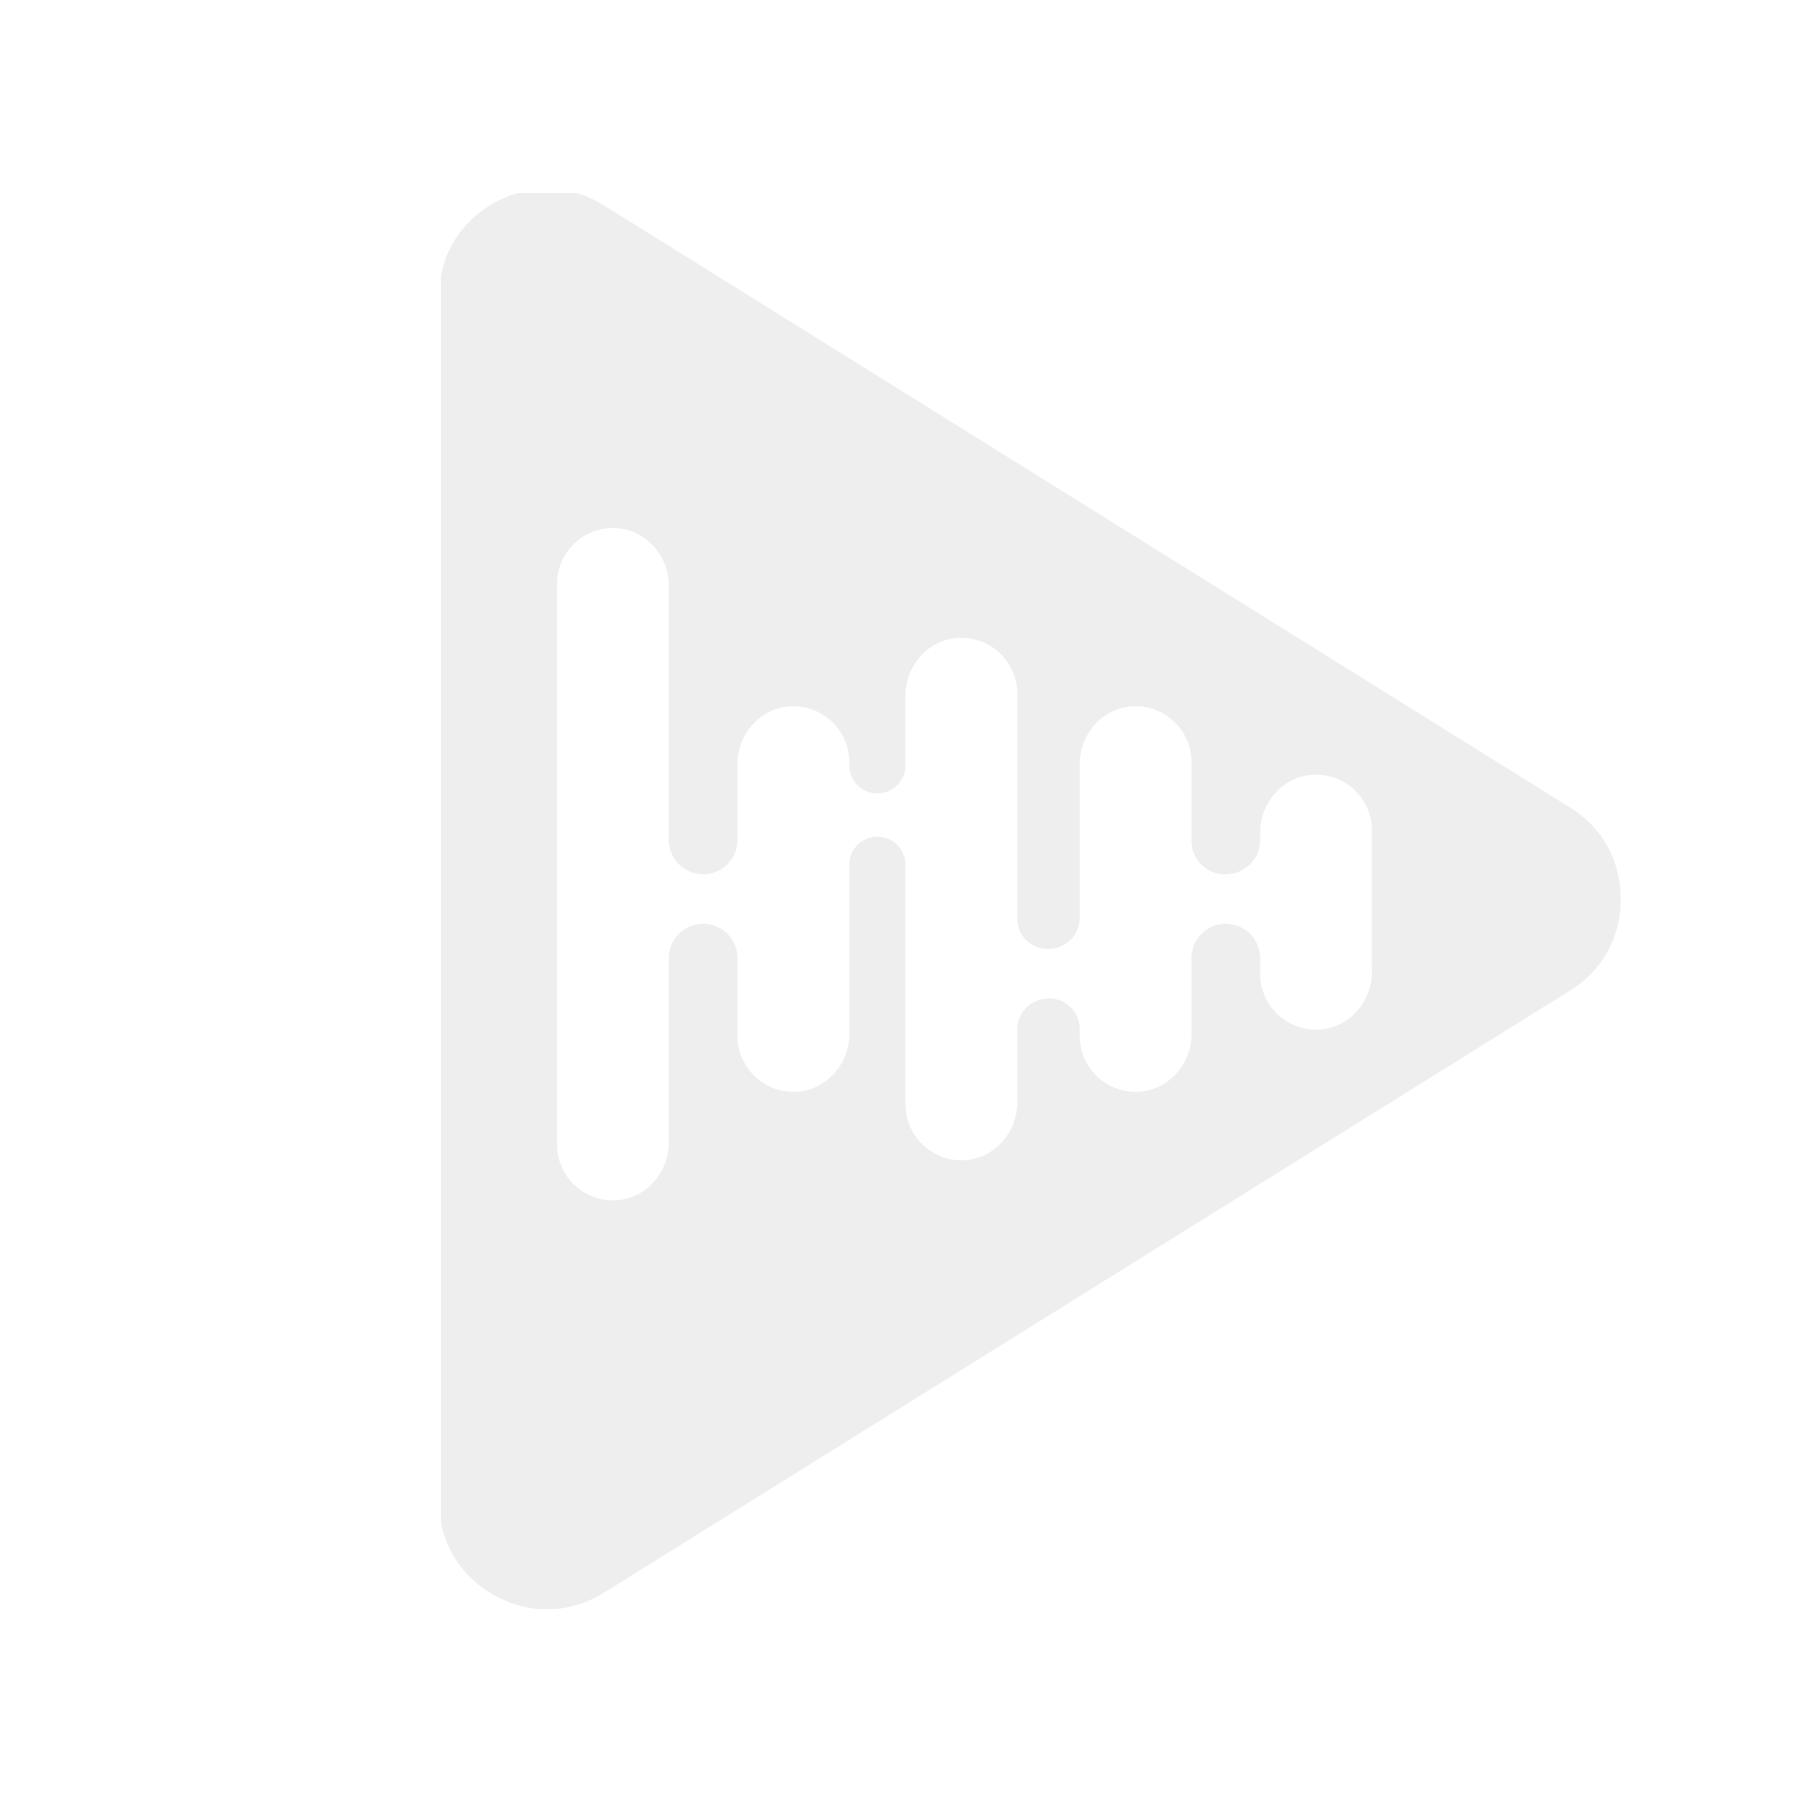 Morel HYBRID INTEGRA 502